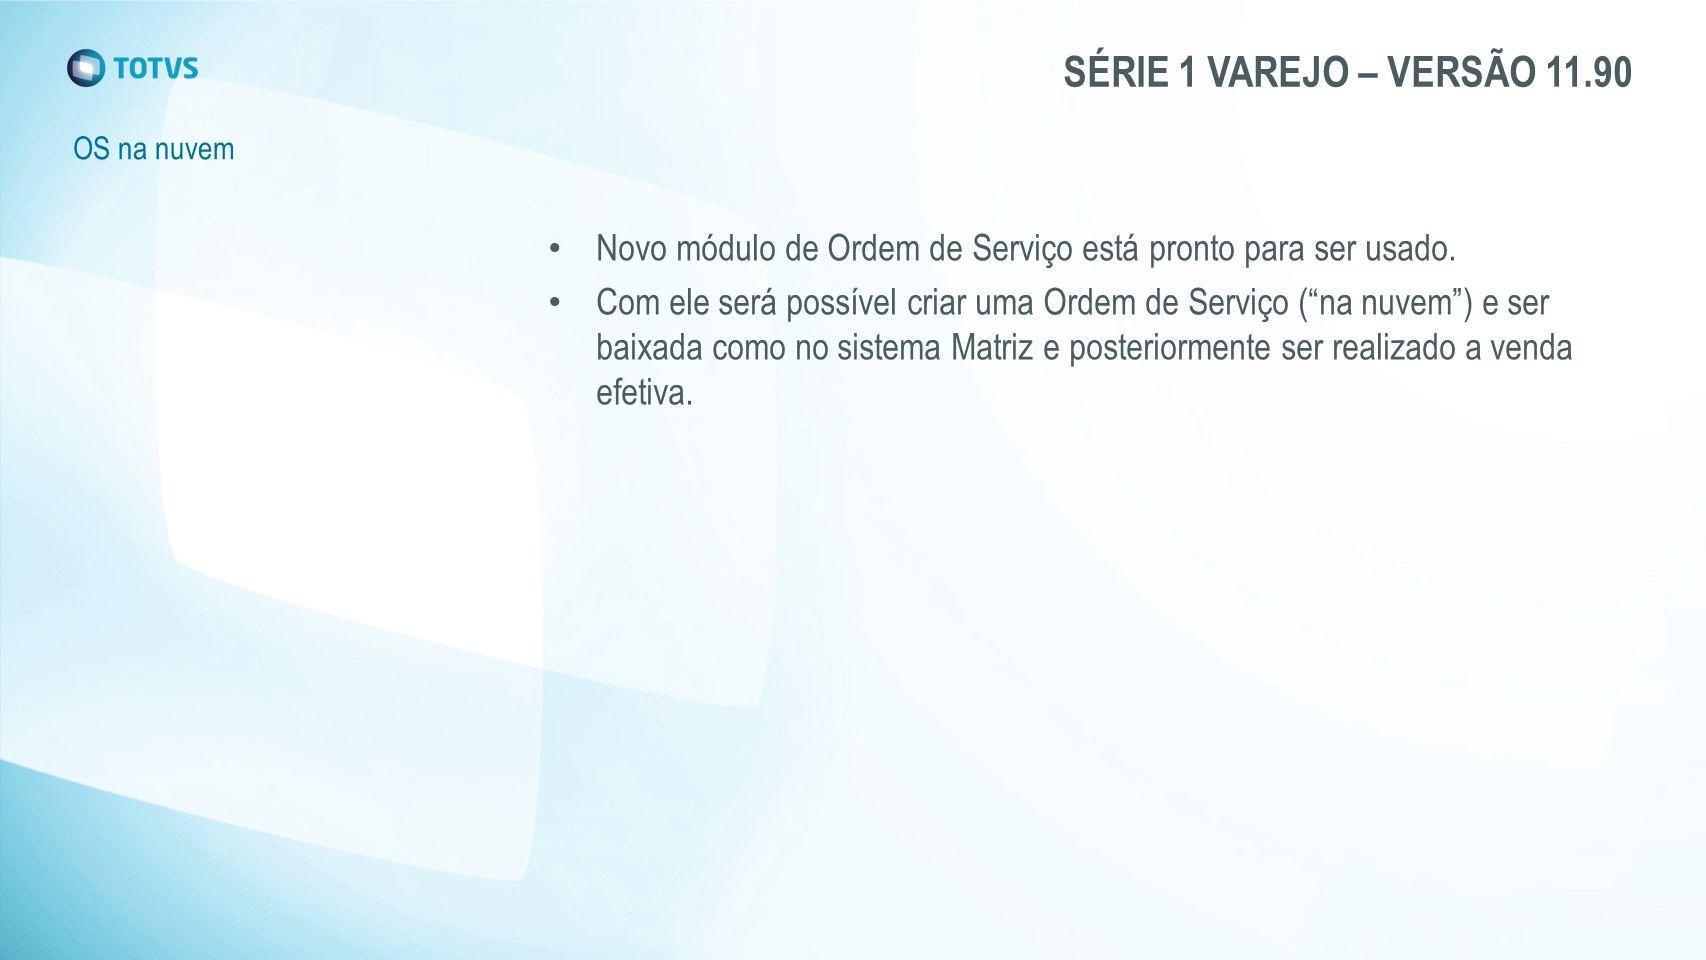 SÉRIE 1 VAREJO – VERSÃO 11.90 OS na nuvem Novo módulo de Ordem de Serviço está pronto para ser usado.